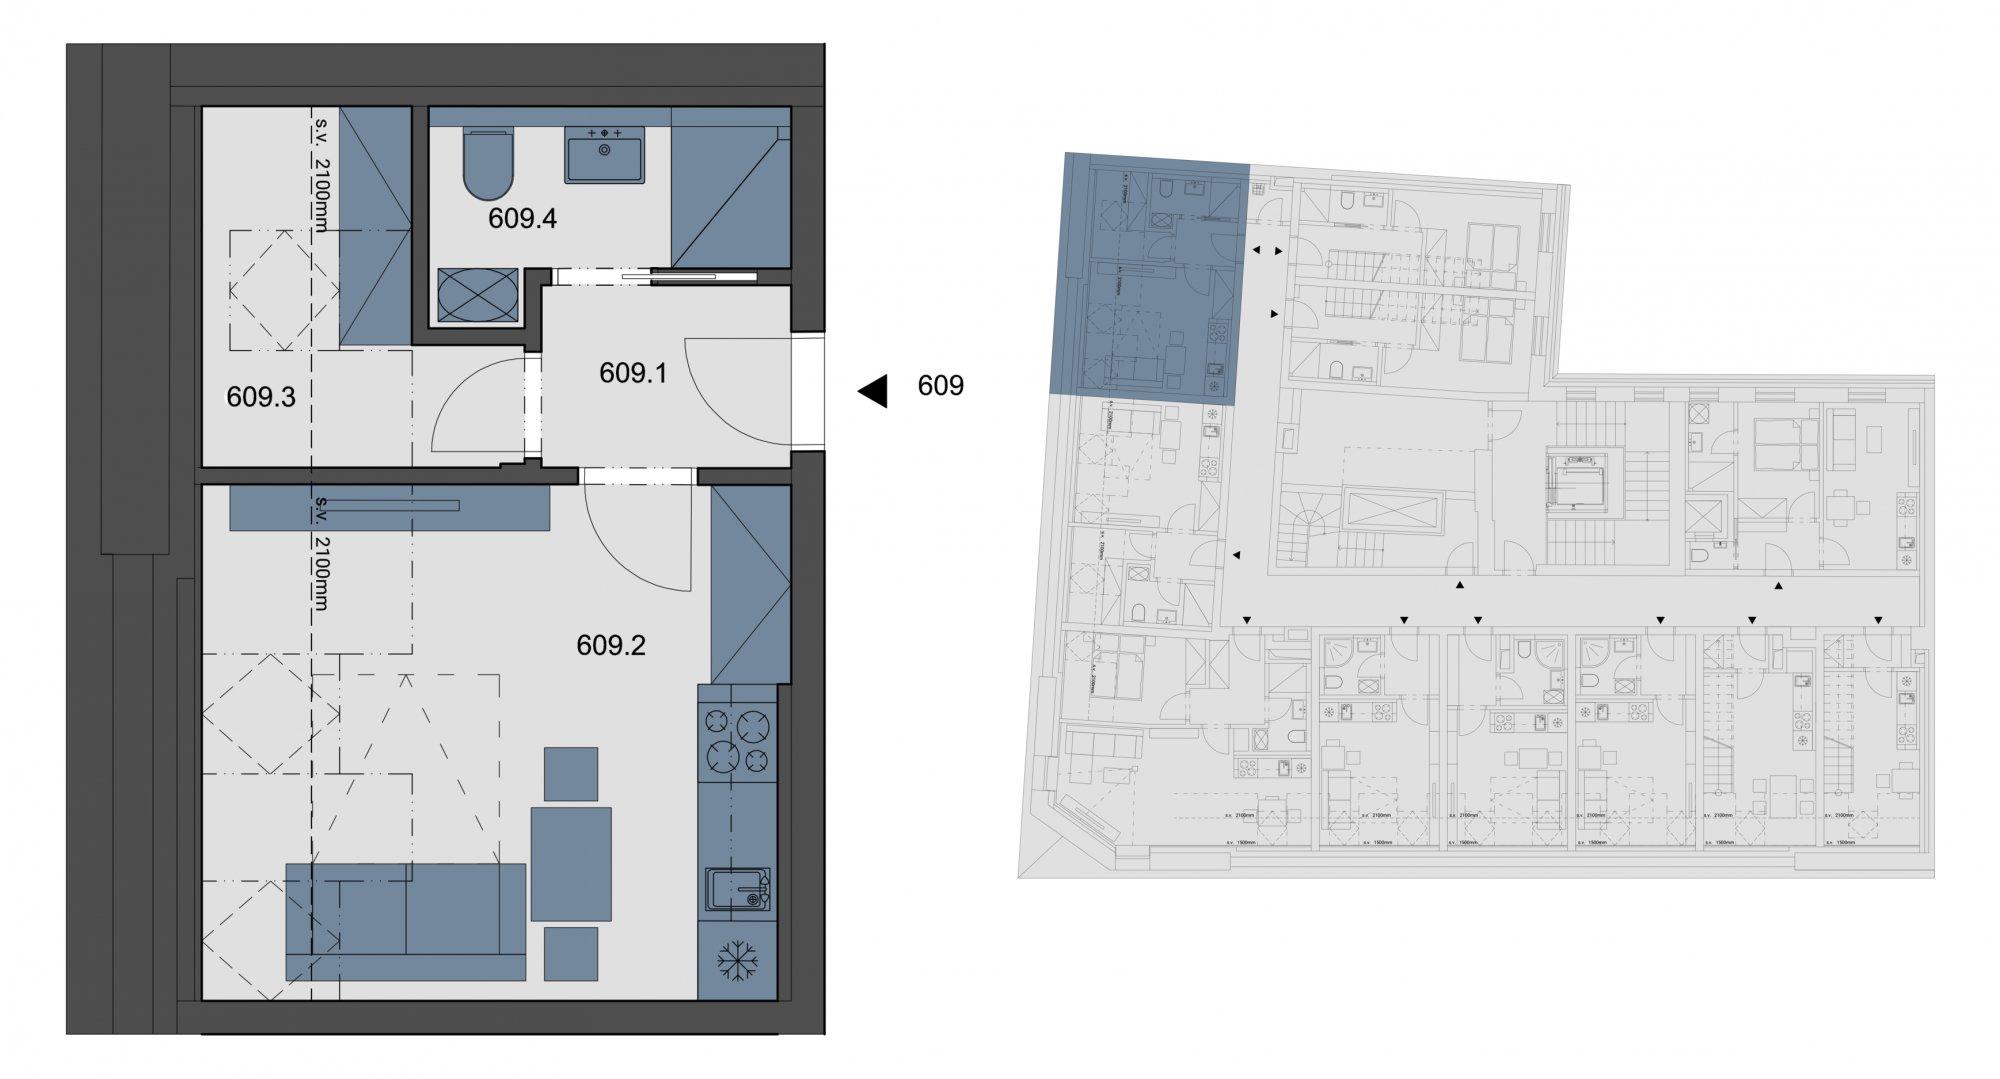 Půdorys - Půdní byt 1+kk, plocha 28 m², ulice Tyršova, Praha 2 - Nové Město